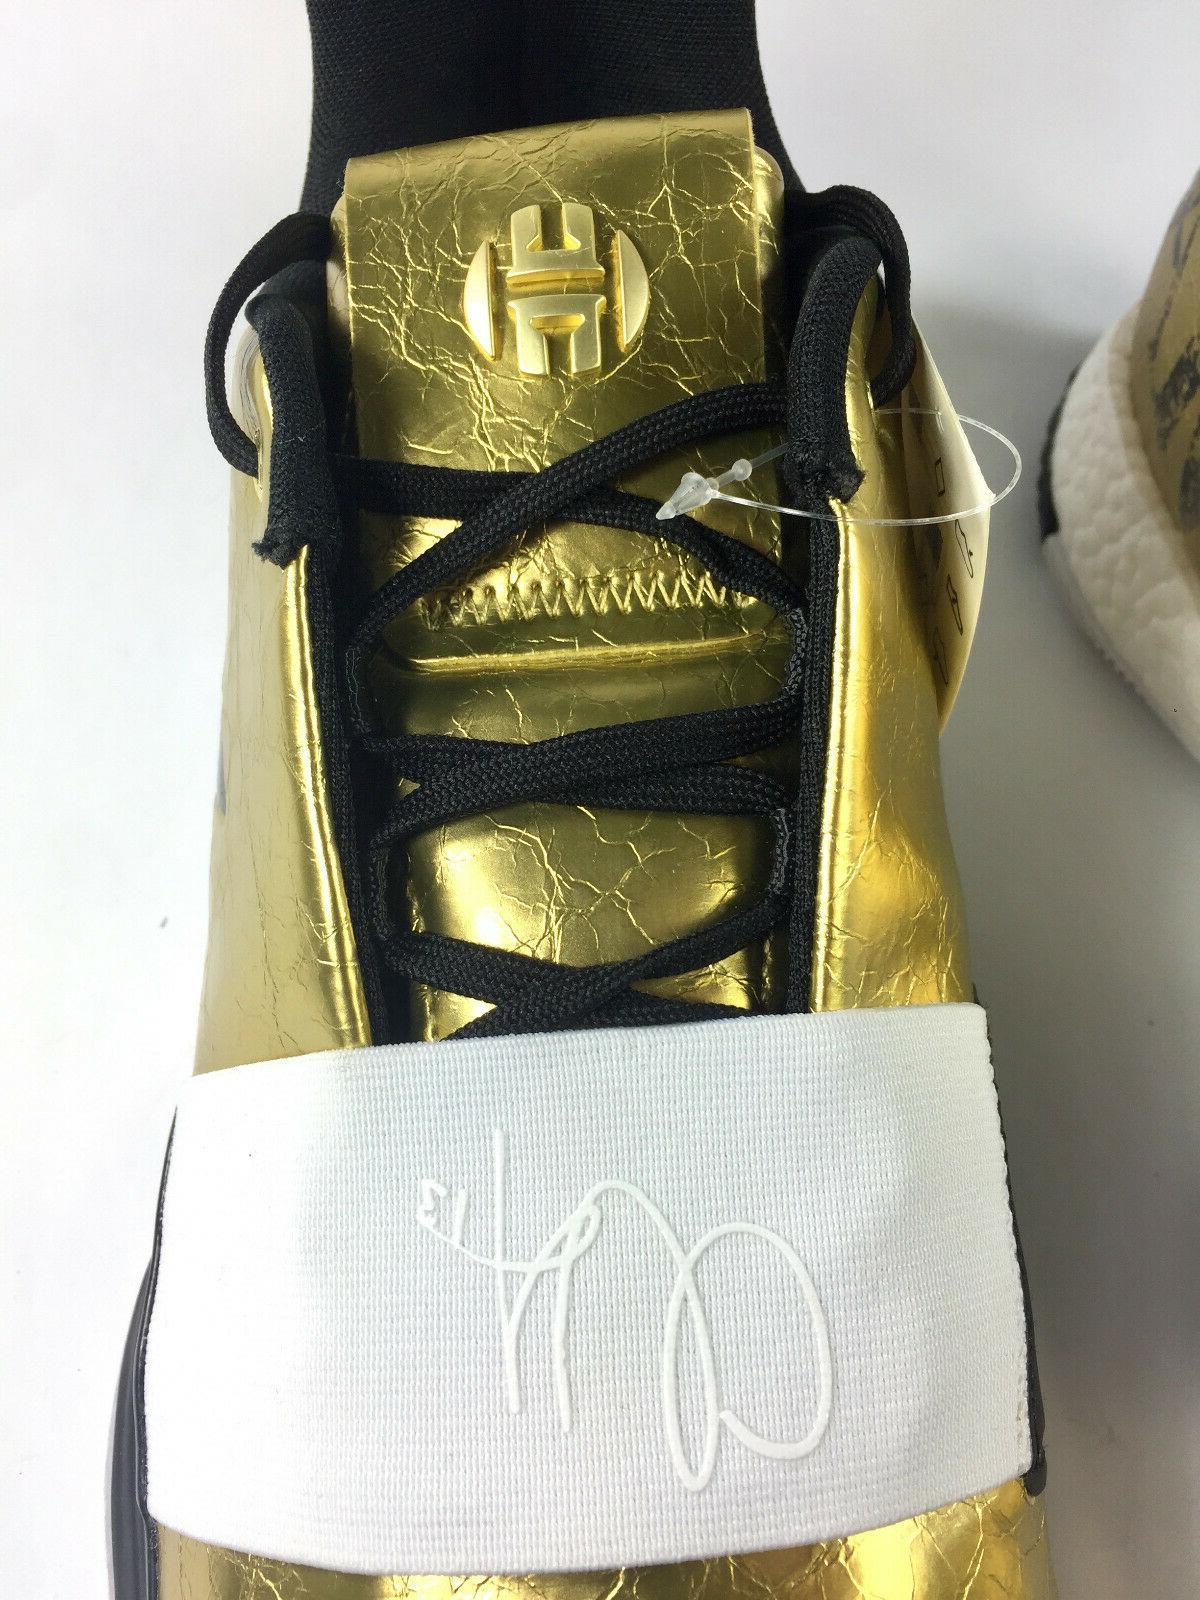 New VOL. 'IMMA STAR' G54026 Gold Metallic White Black